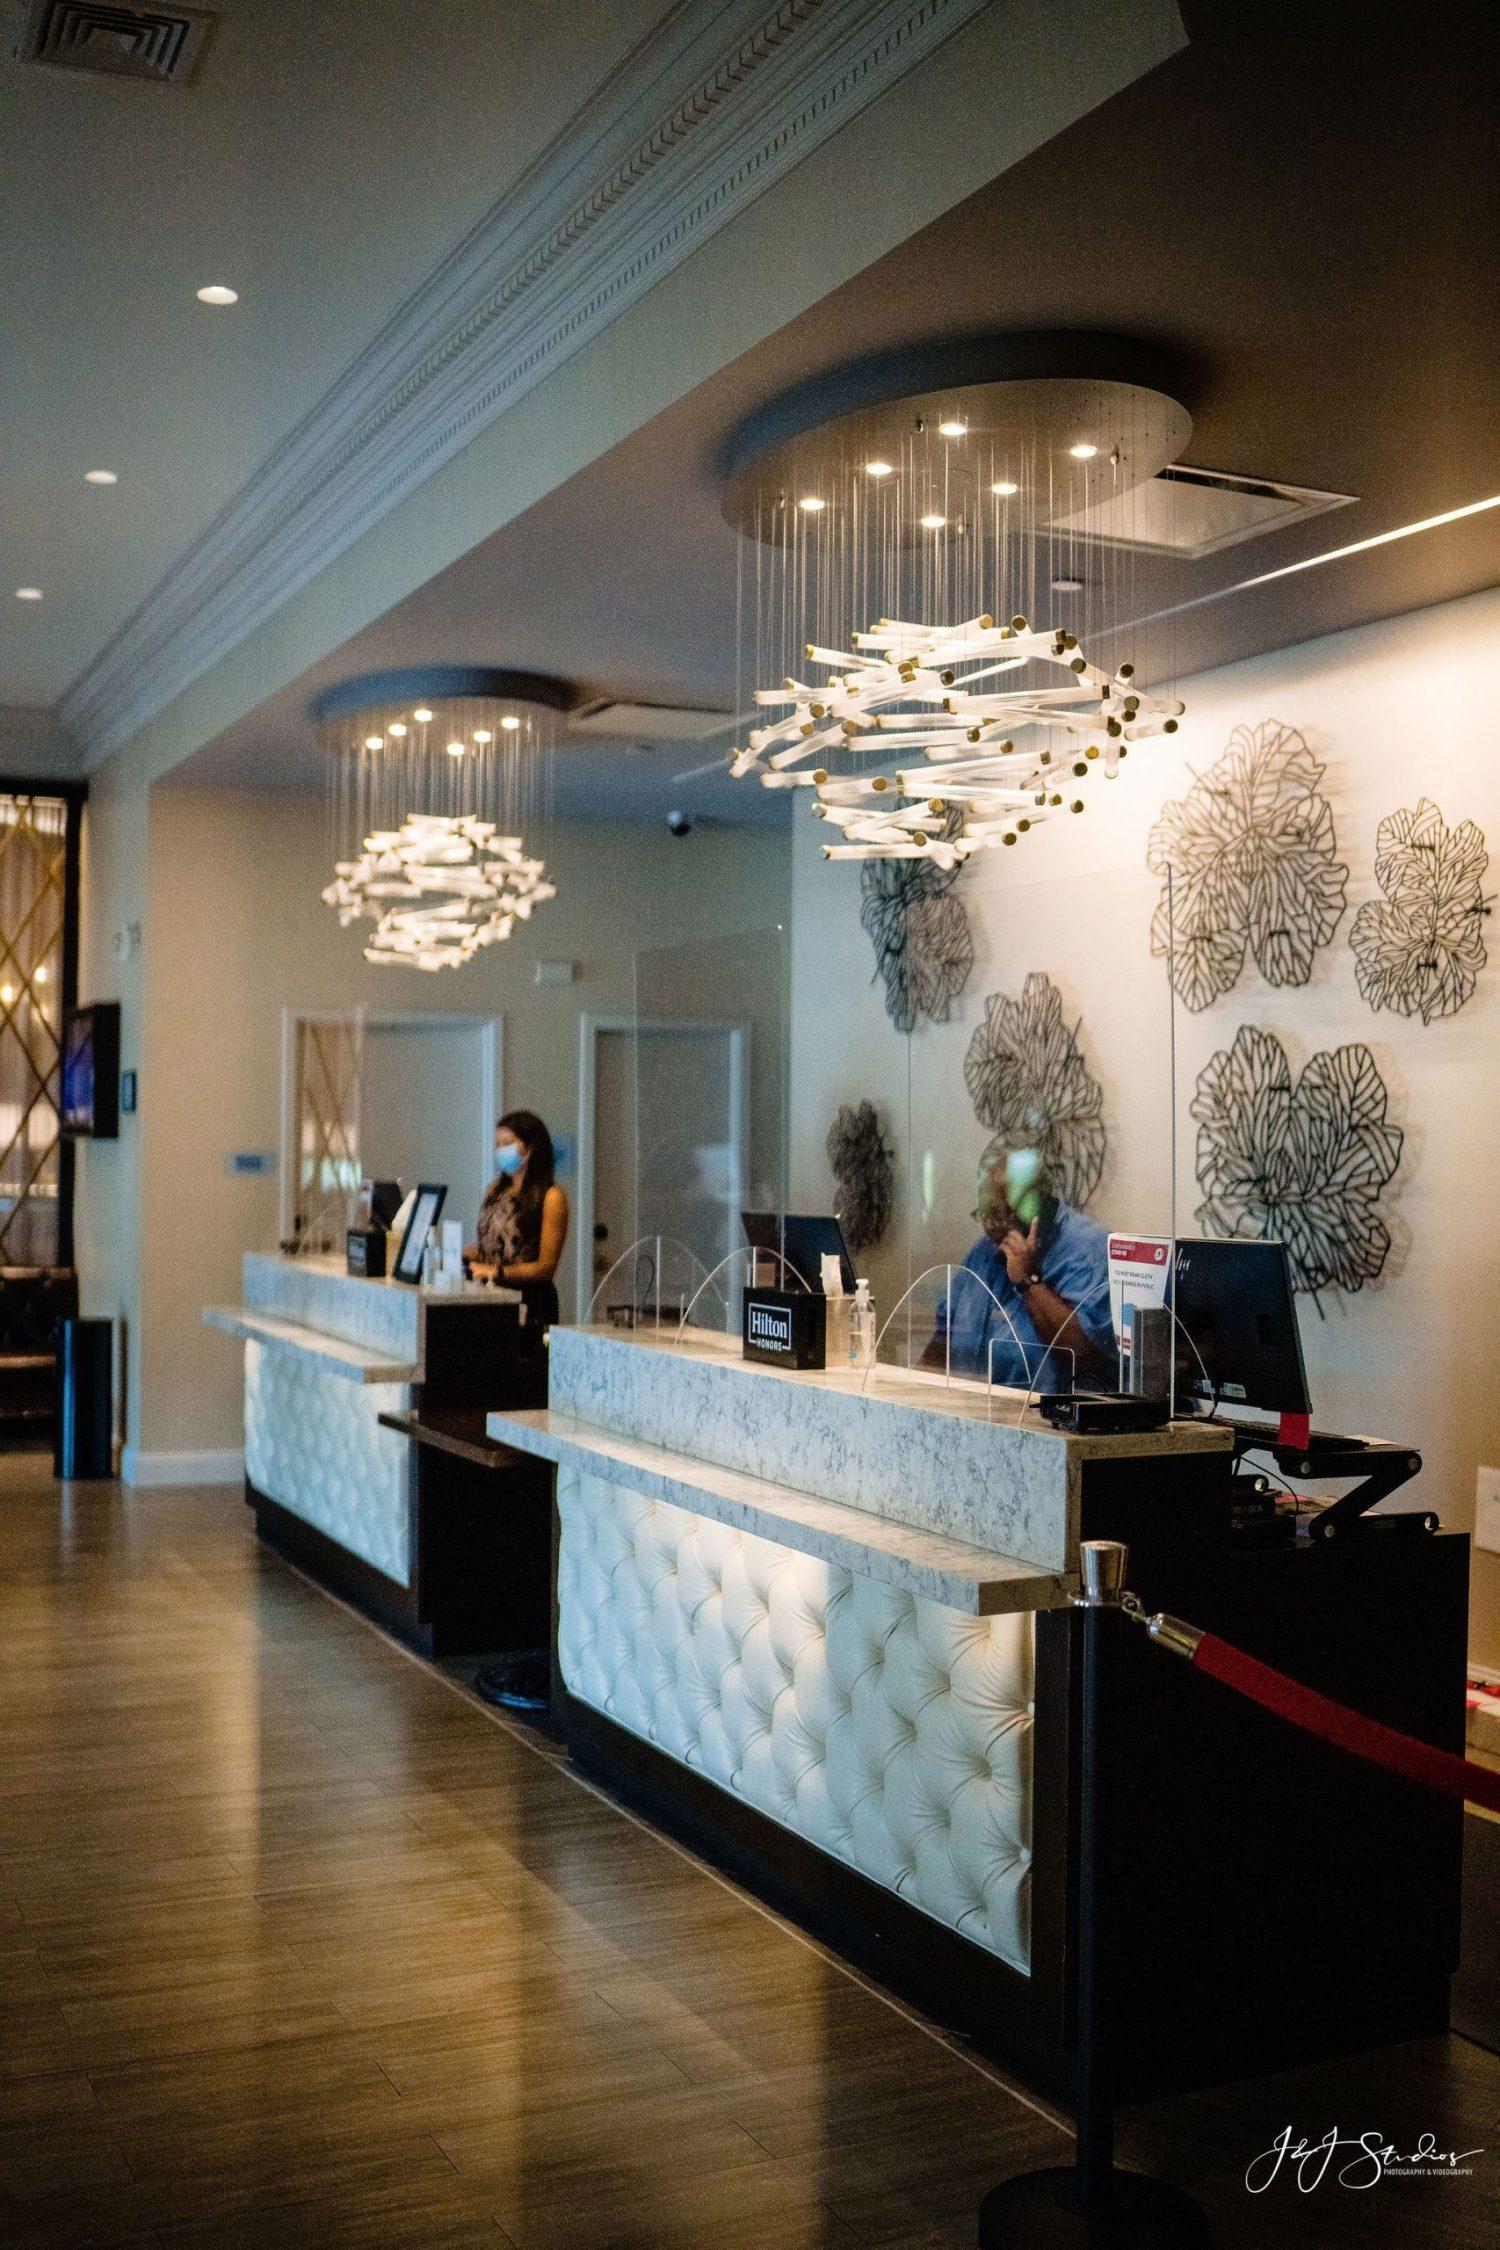 Hilton Wilmington reception desk area